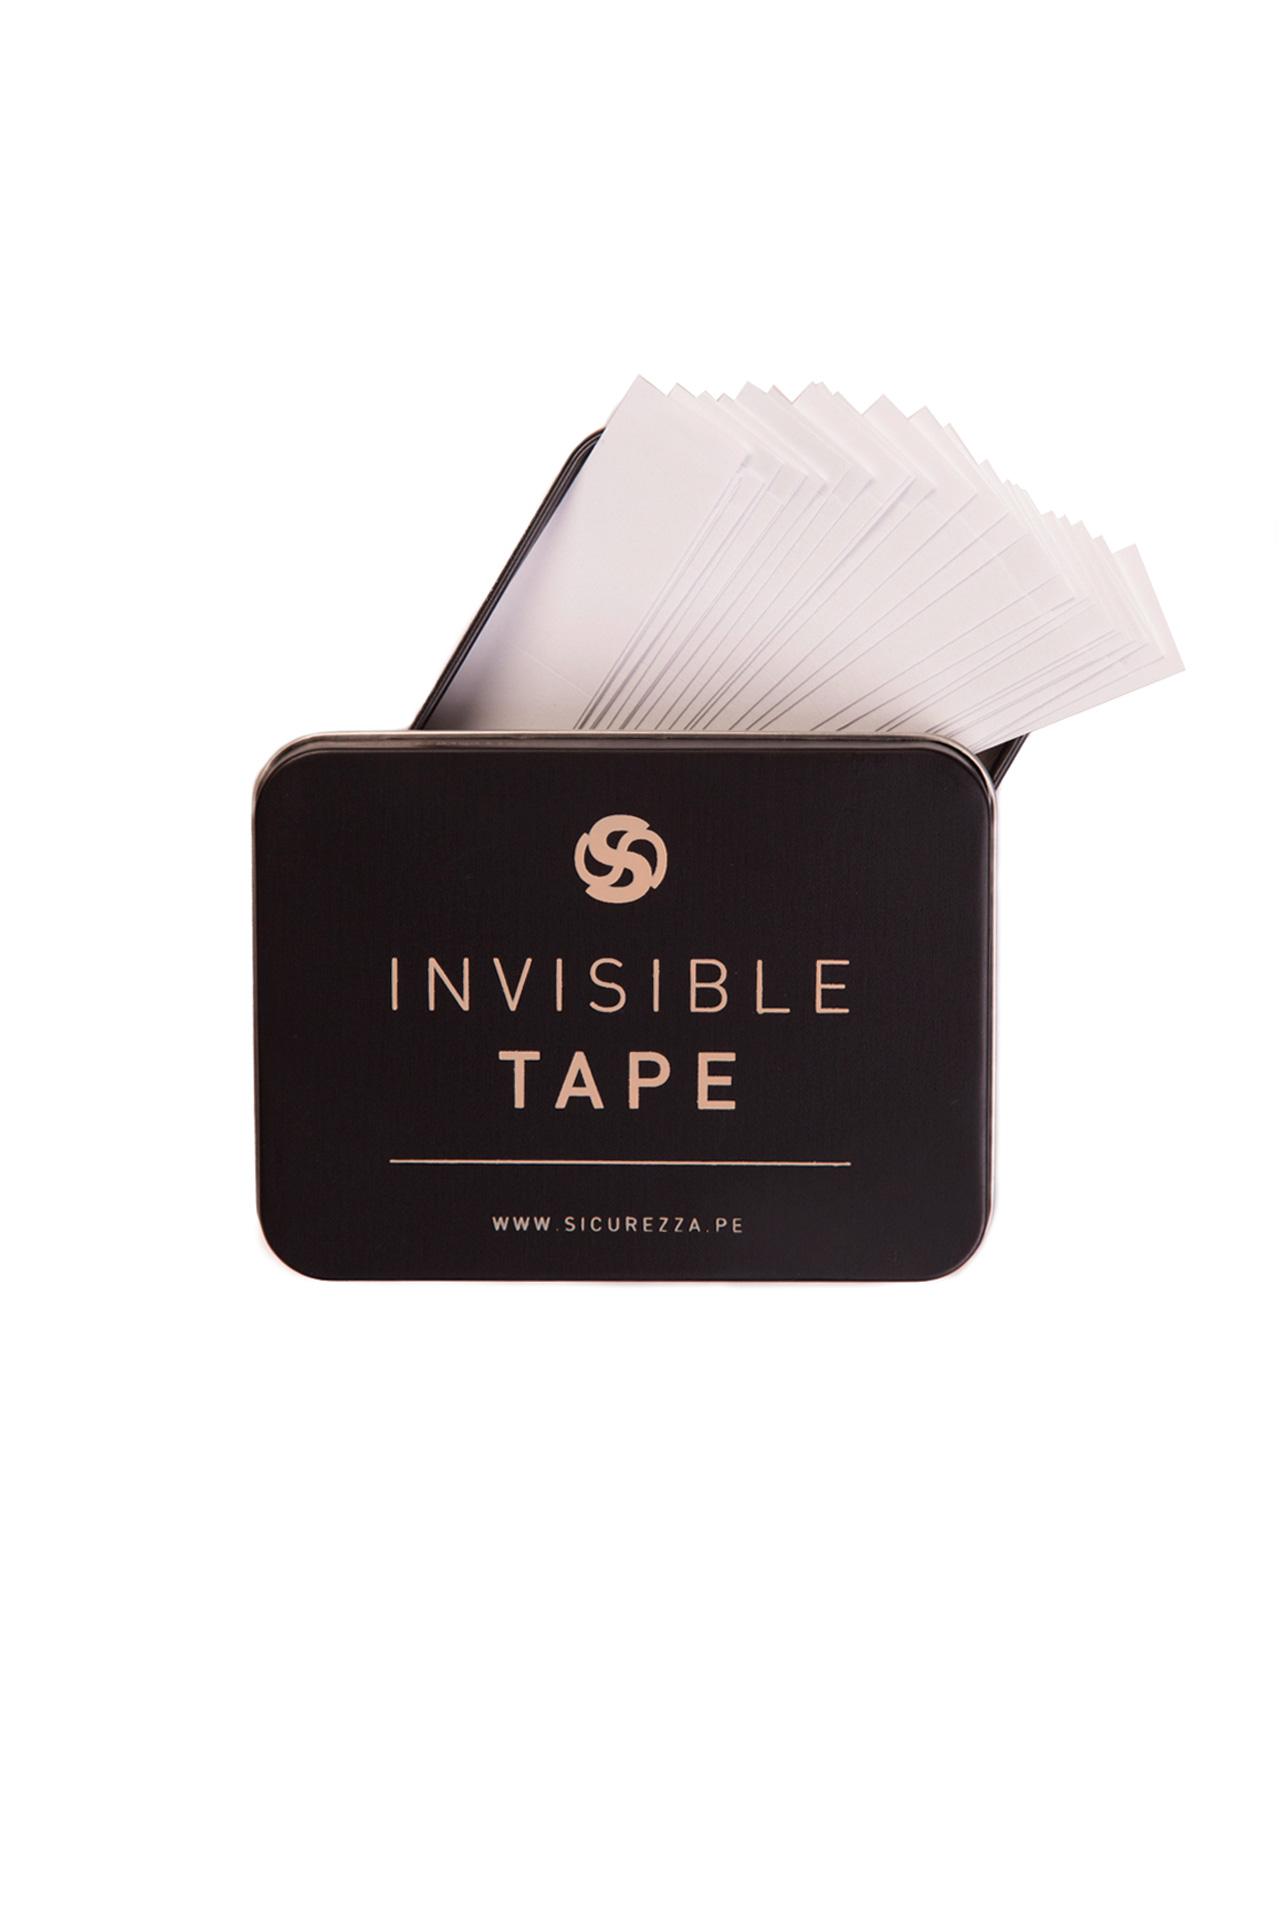 - Vienen 36 tiras en lata de metal     - No se recomienda usar sobre el pezón, ya que el adhesivo es fuerte    - Debe ir sobre telas o sobre el Nipple Pad o sobre el Invisible Bra.    *No se aceptan devoluciones de este producto.